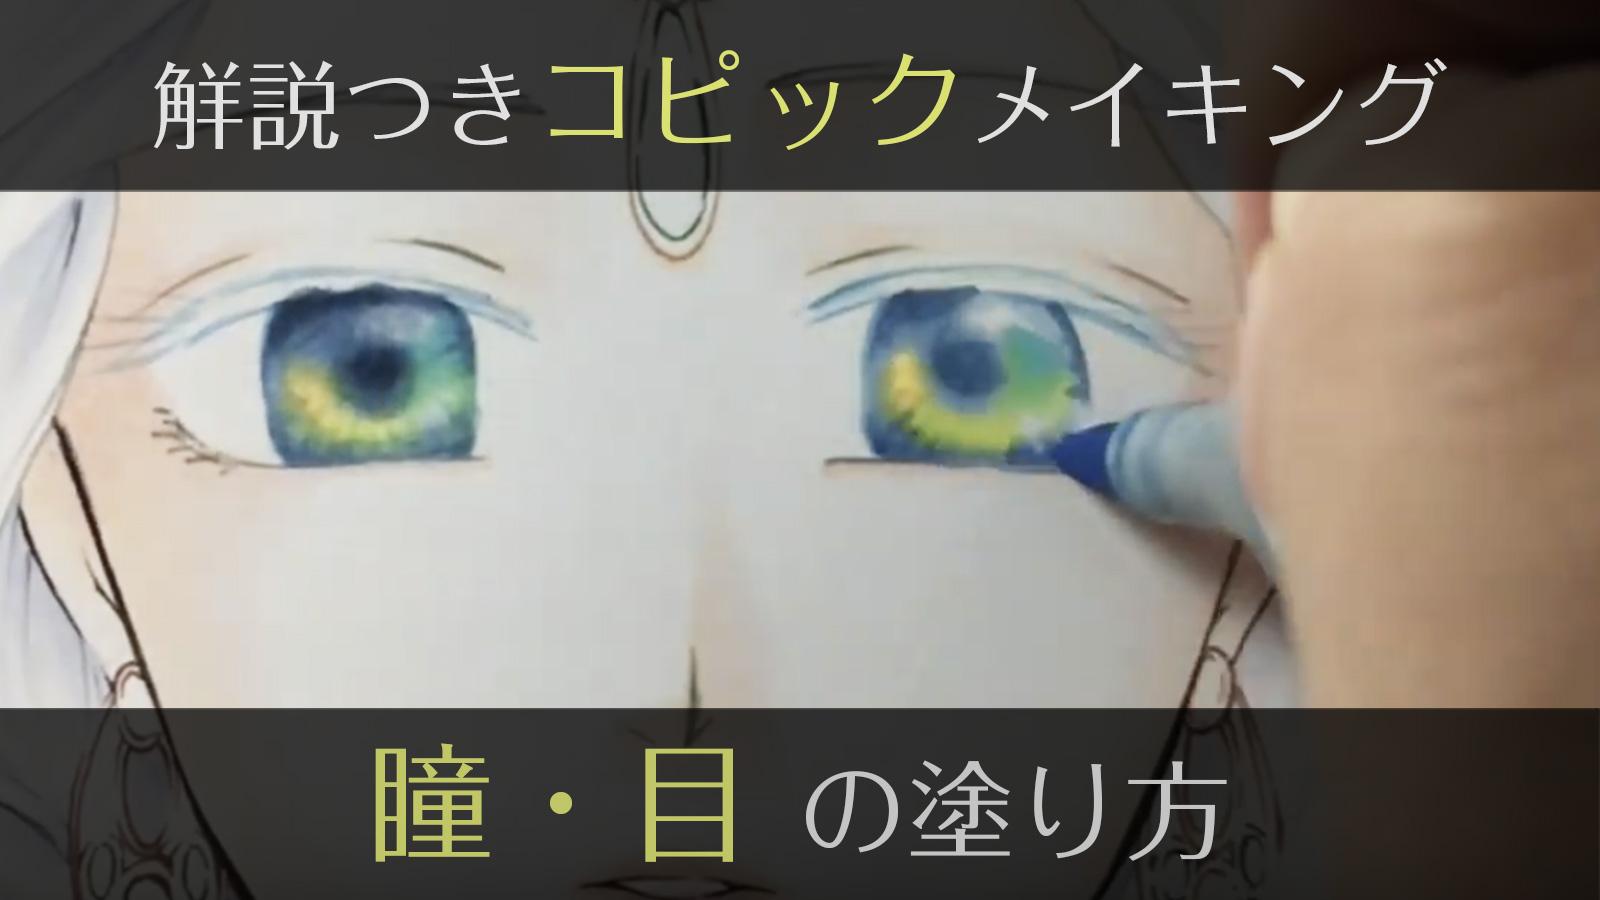 【コピック初心者向け】目・瞳の塗り方講座(メイキング動画あり)